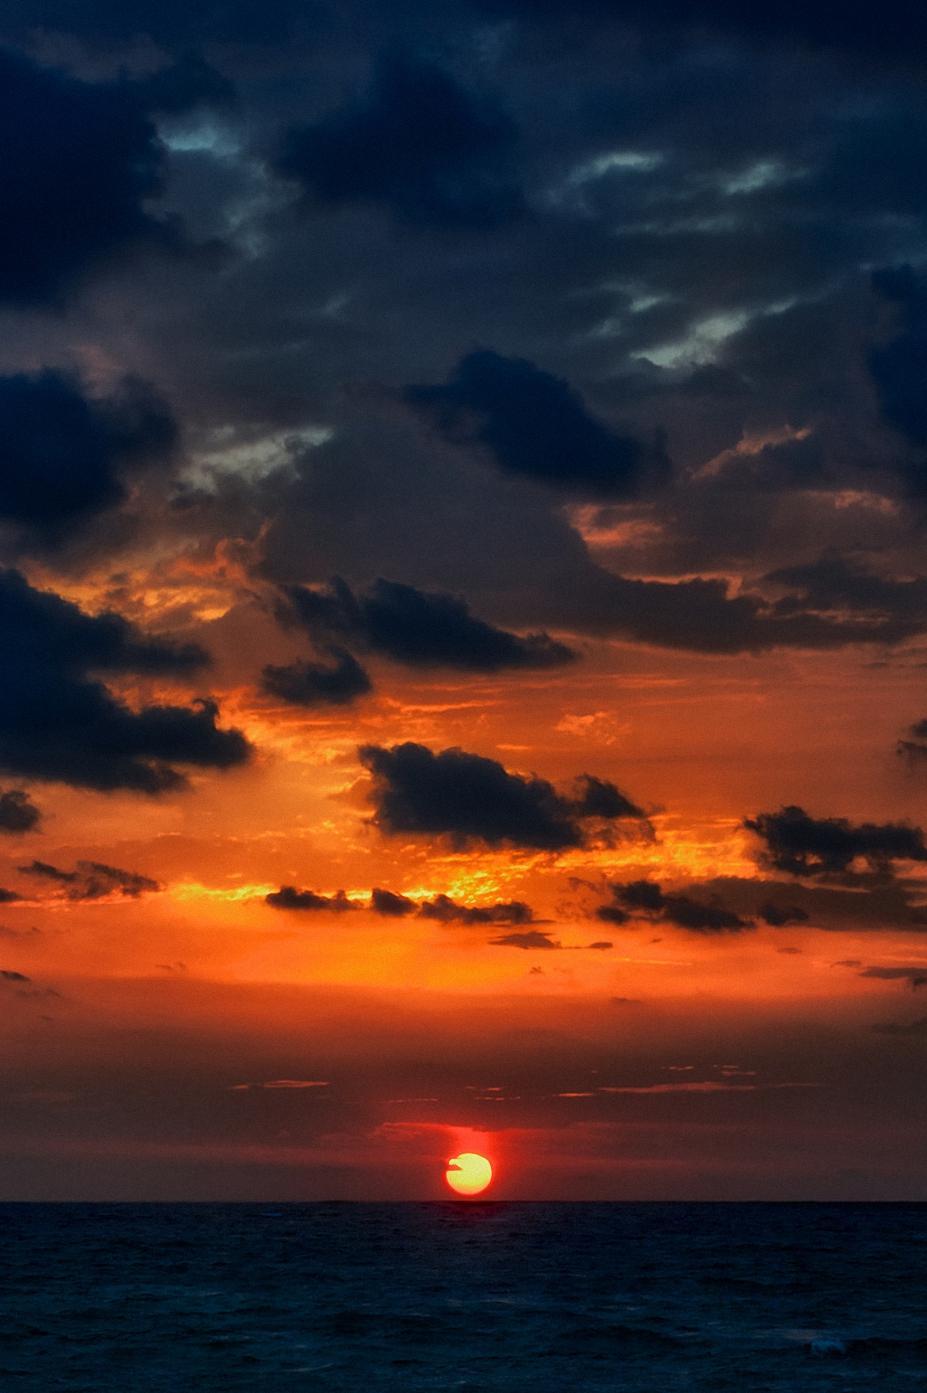 orange sunset dark clouds ocean